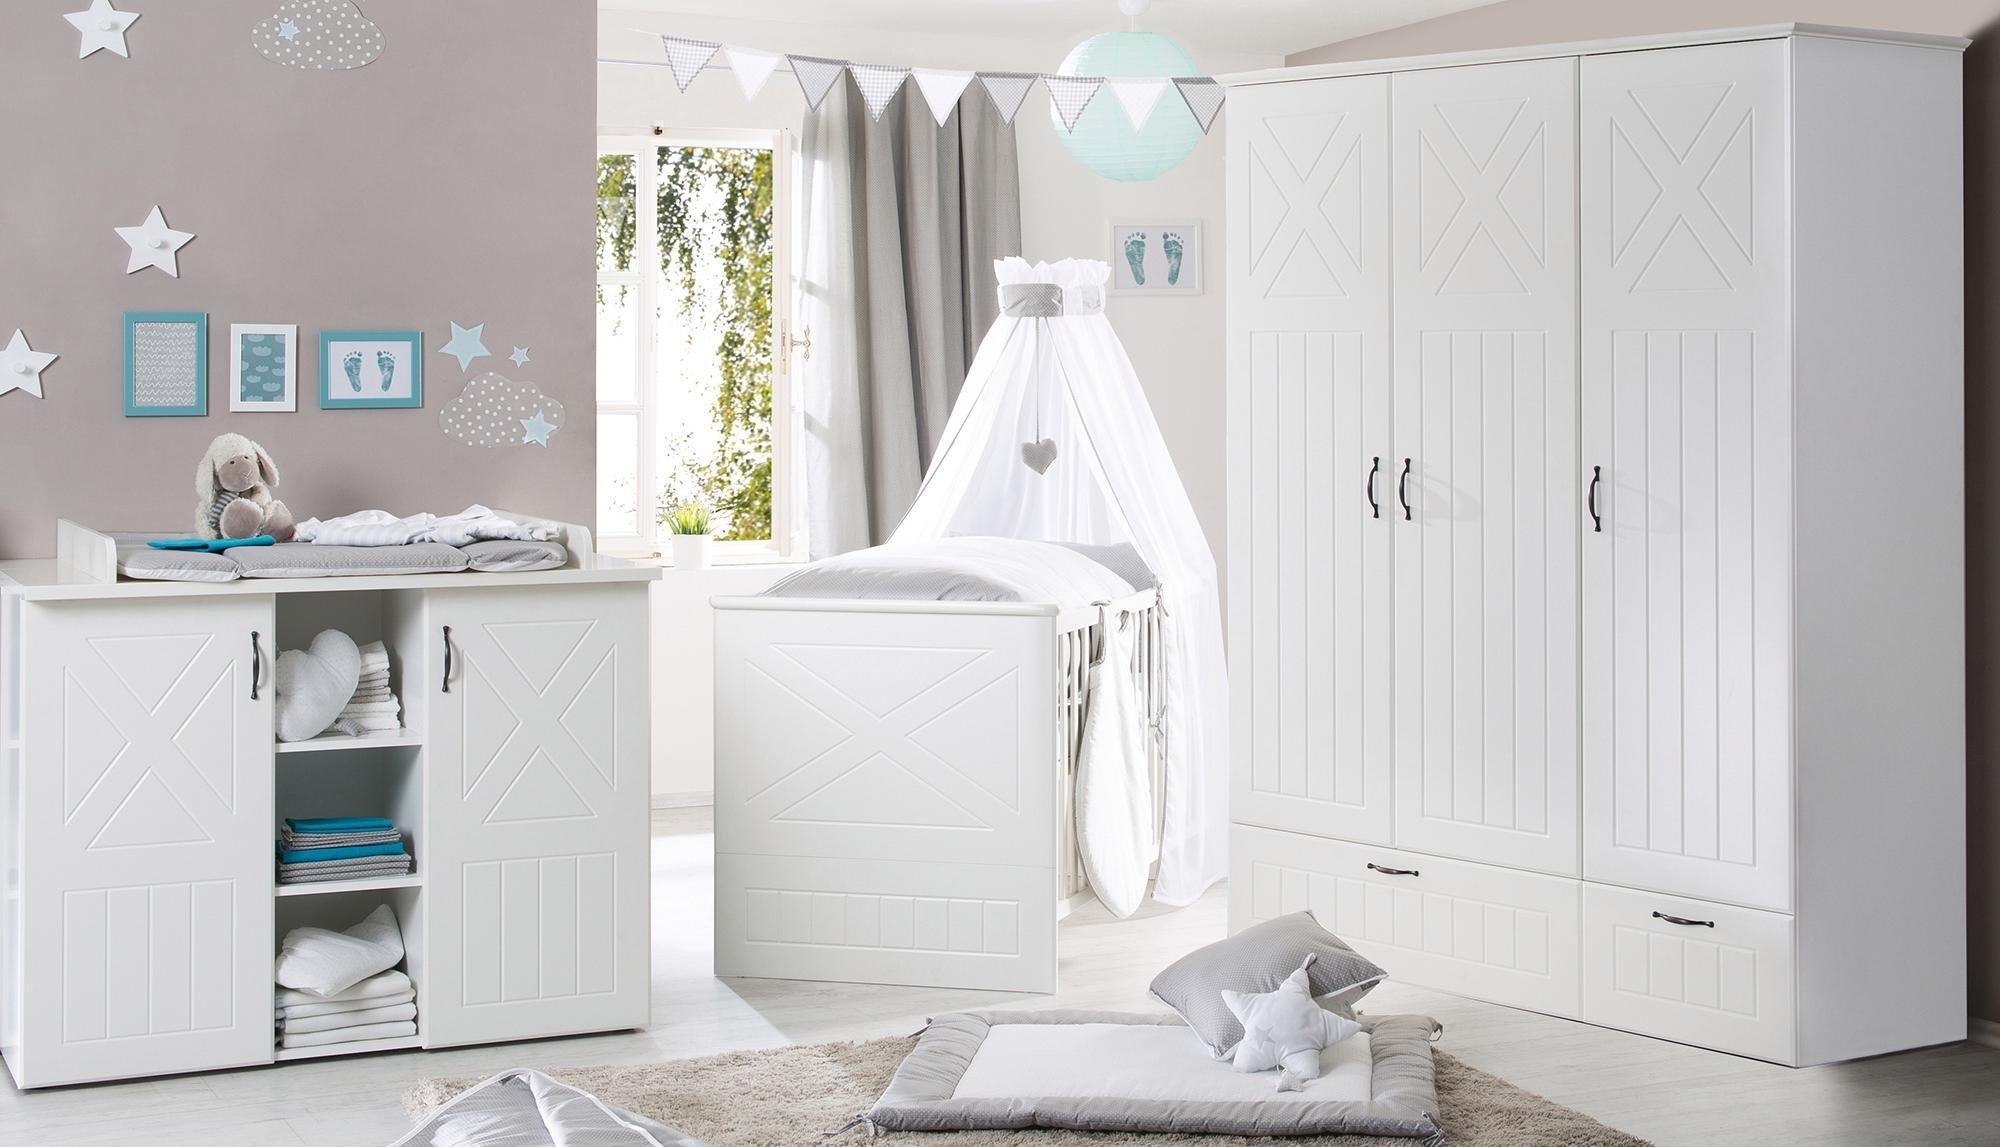 Complete Babykamers Aanbiedingen.Complete Babykamers Online Shop Nu Online Kopen Otto